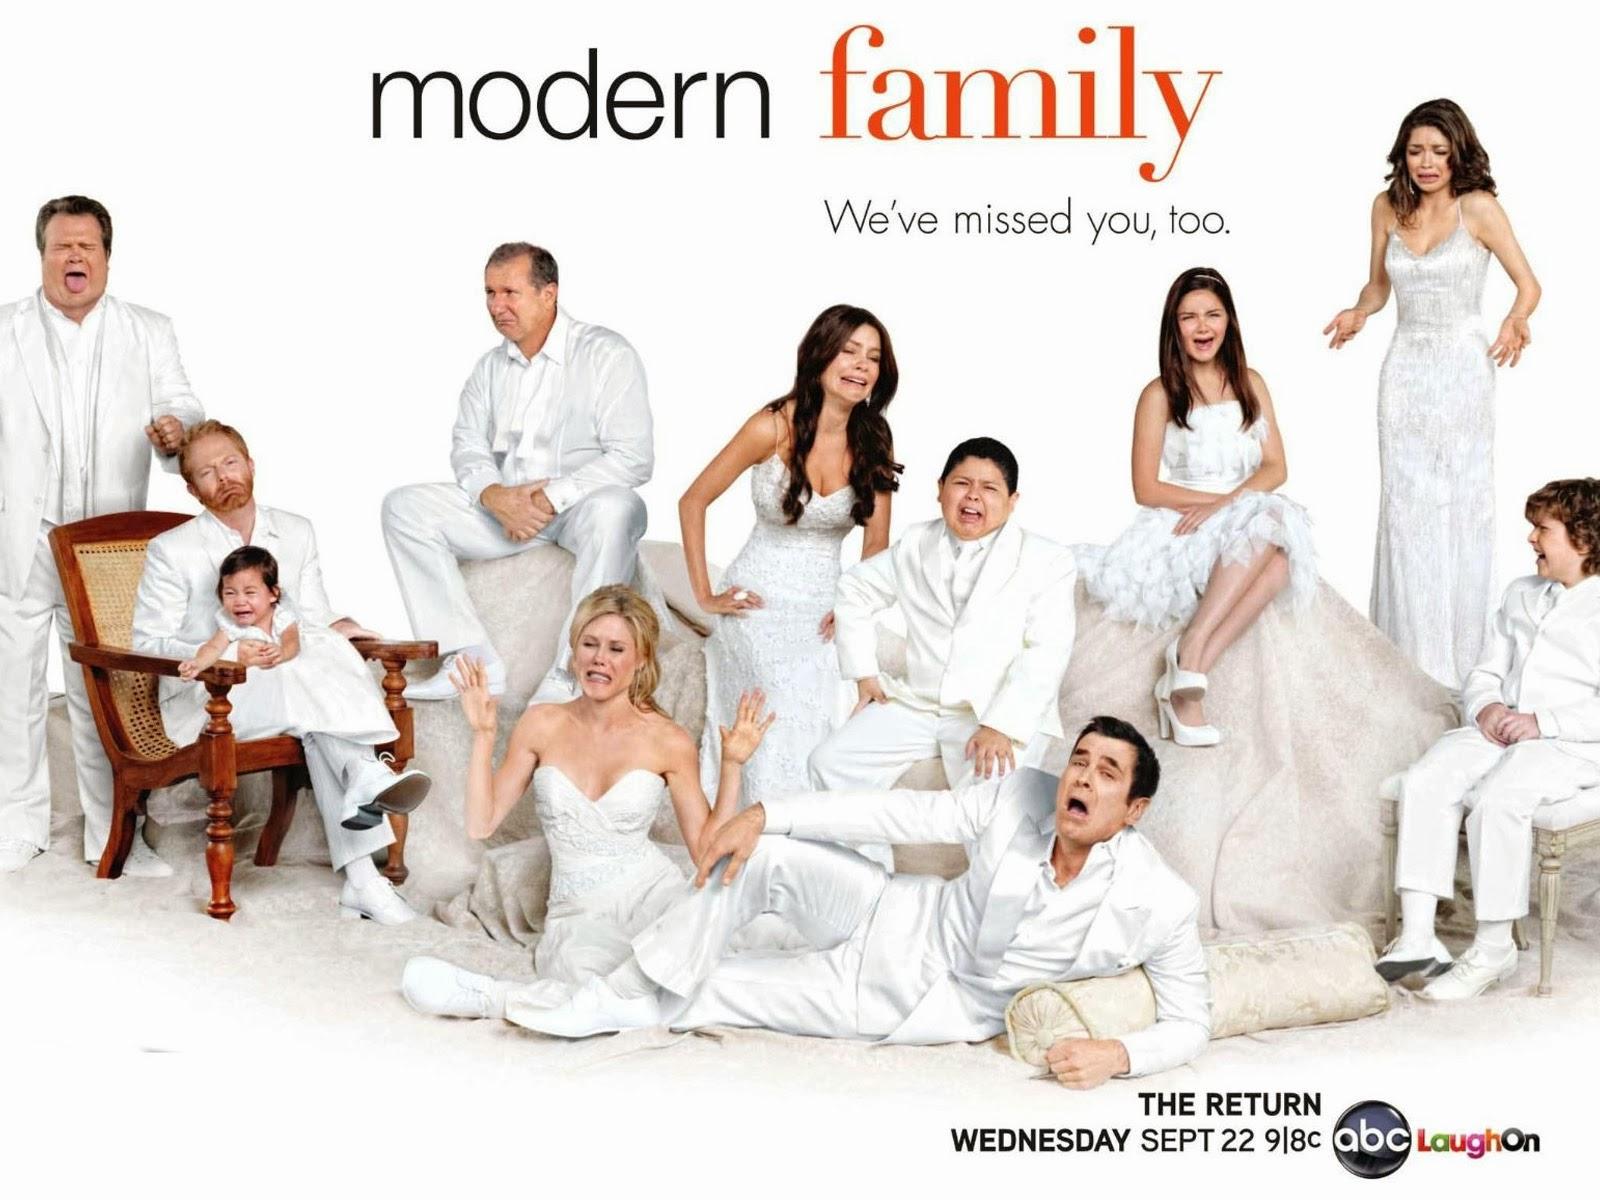 Семейка без сексуалов 25 фотография